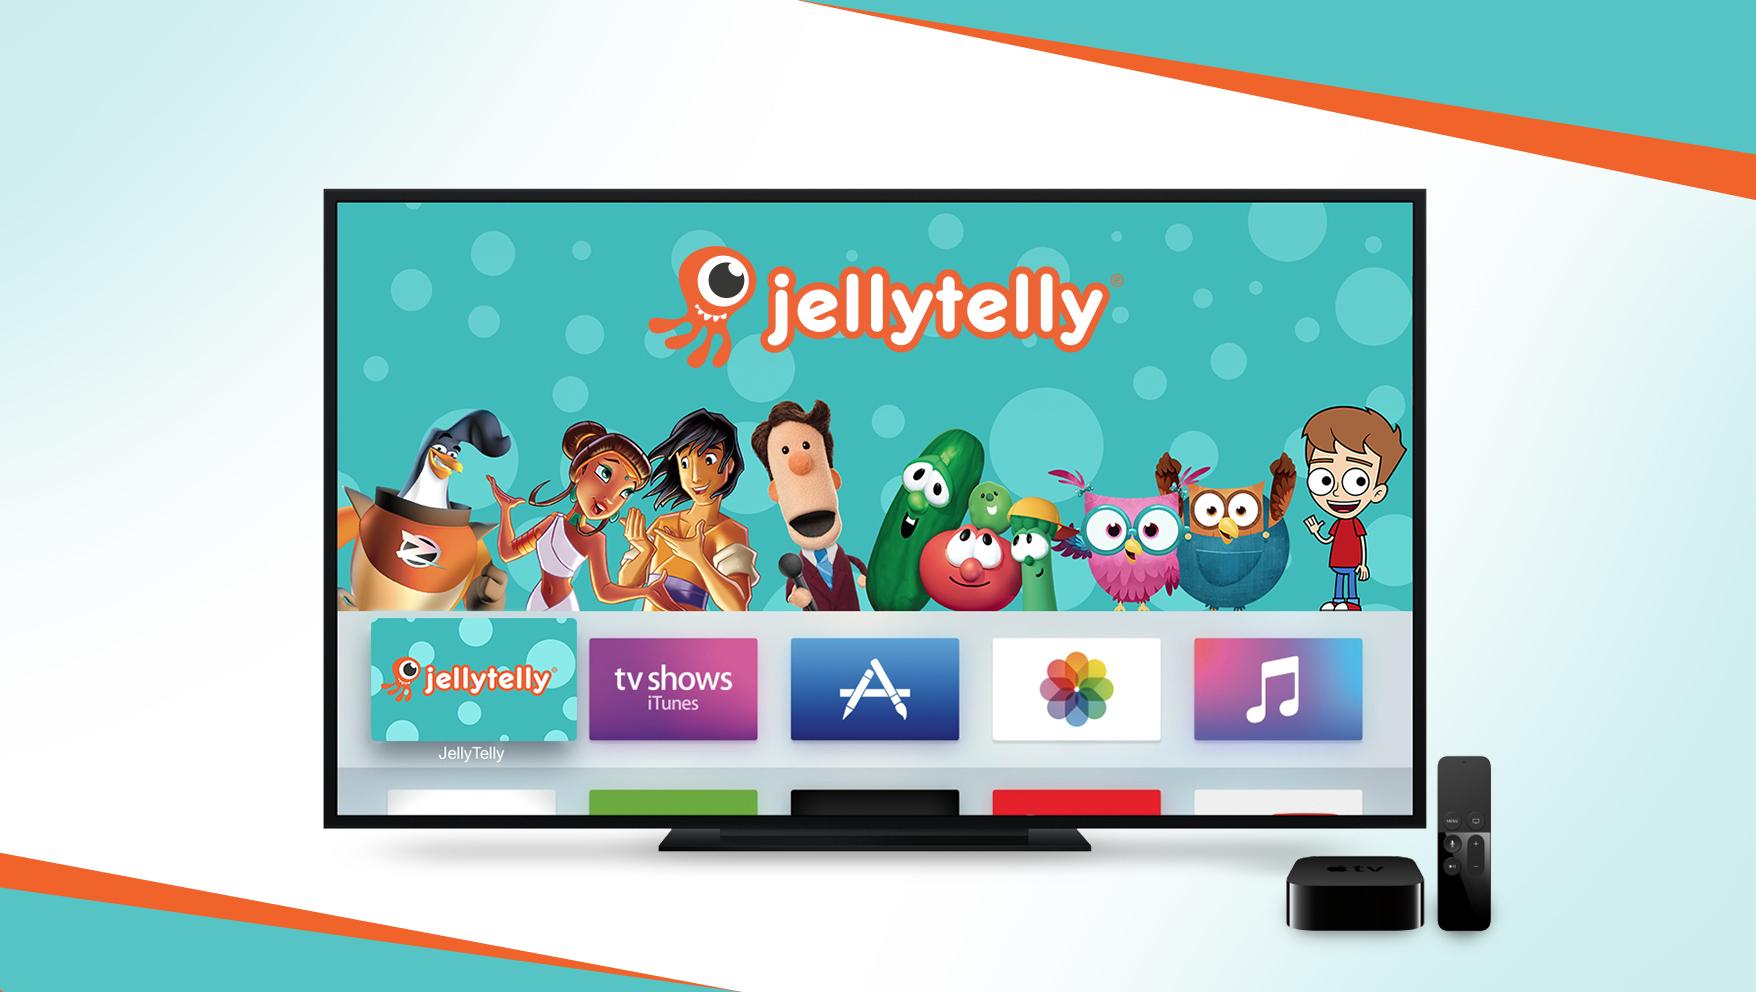 JellyTelly Now Has an Apple TV App | Jellytelly Parents